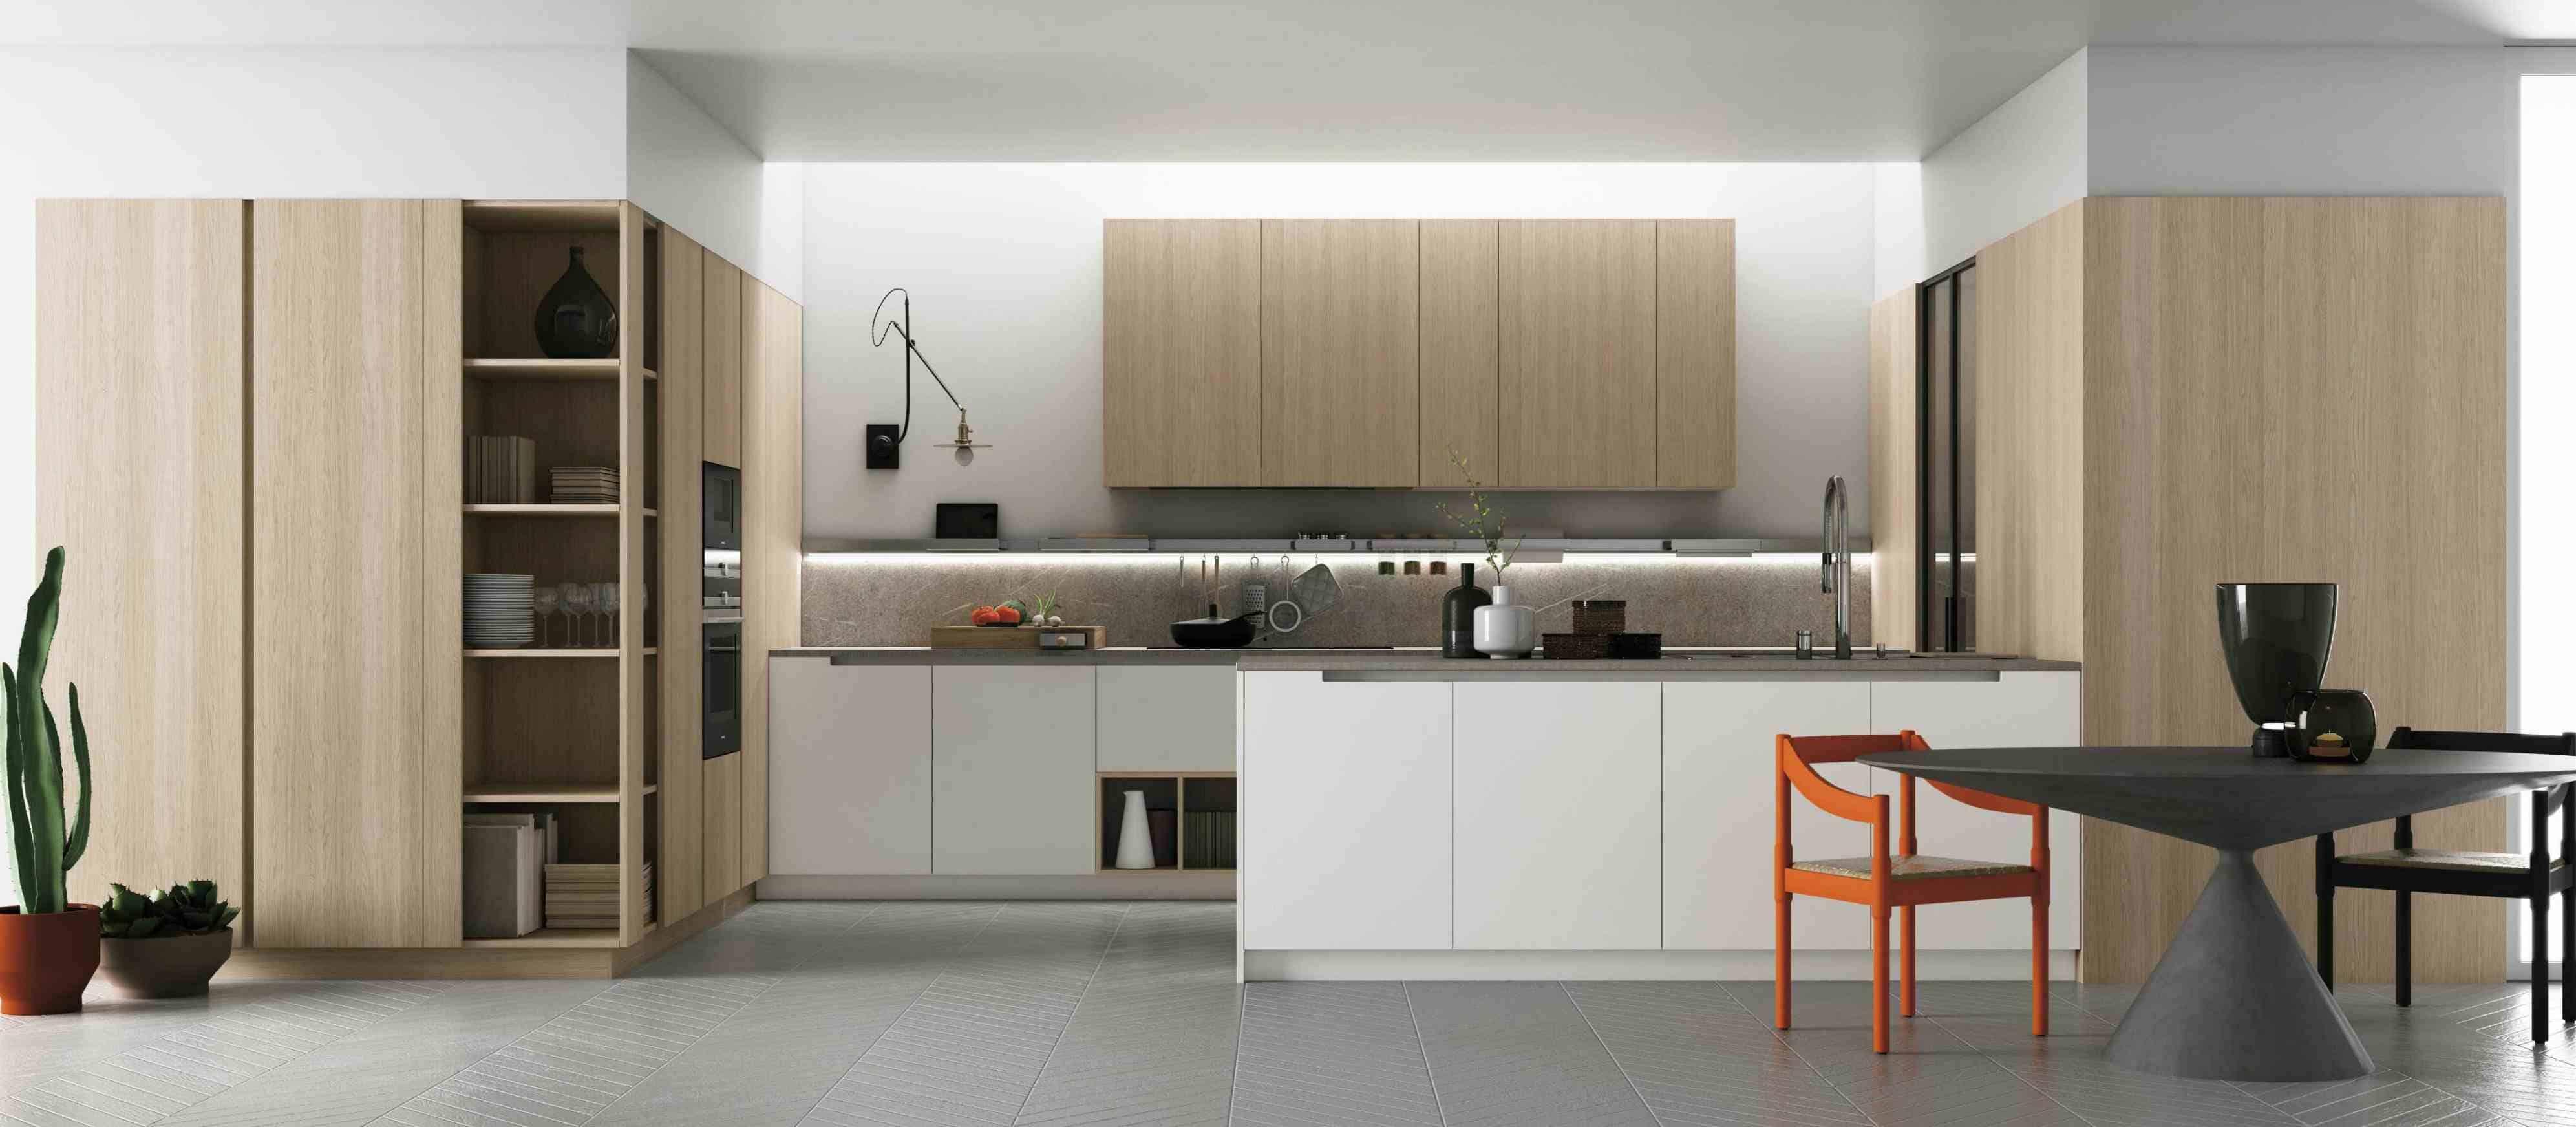 Cucina limportanza della parete attrezzata  ArsCity